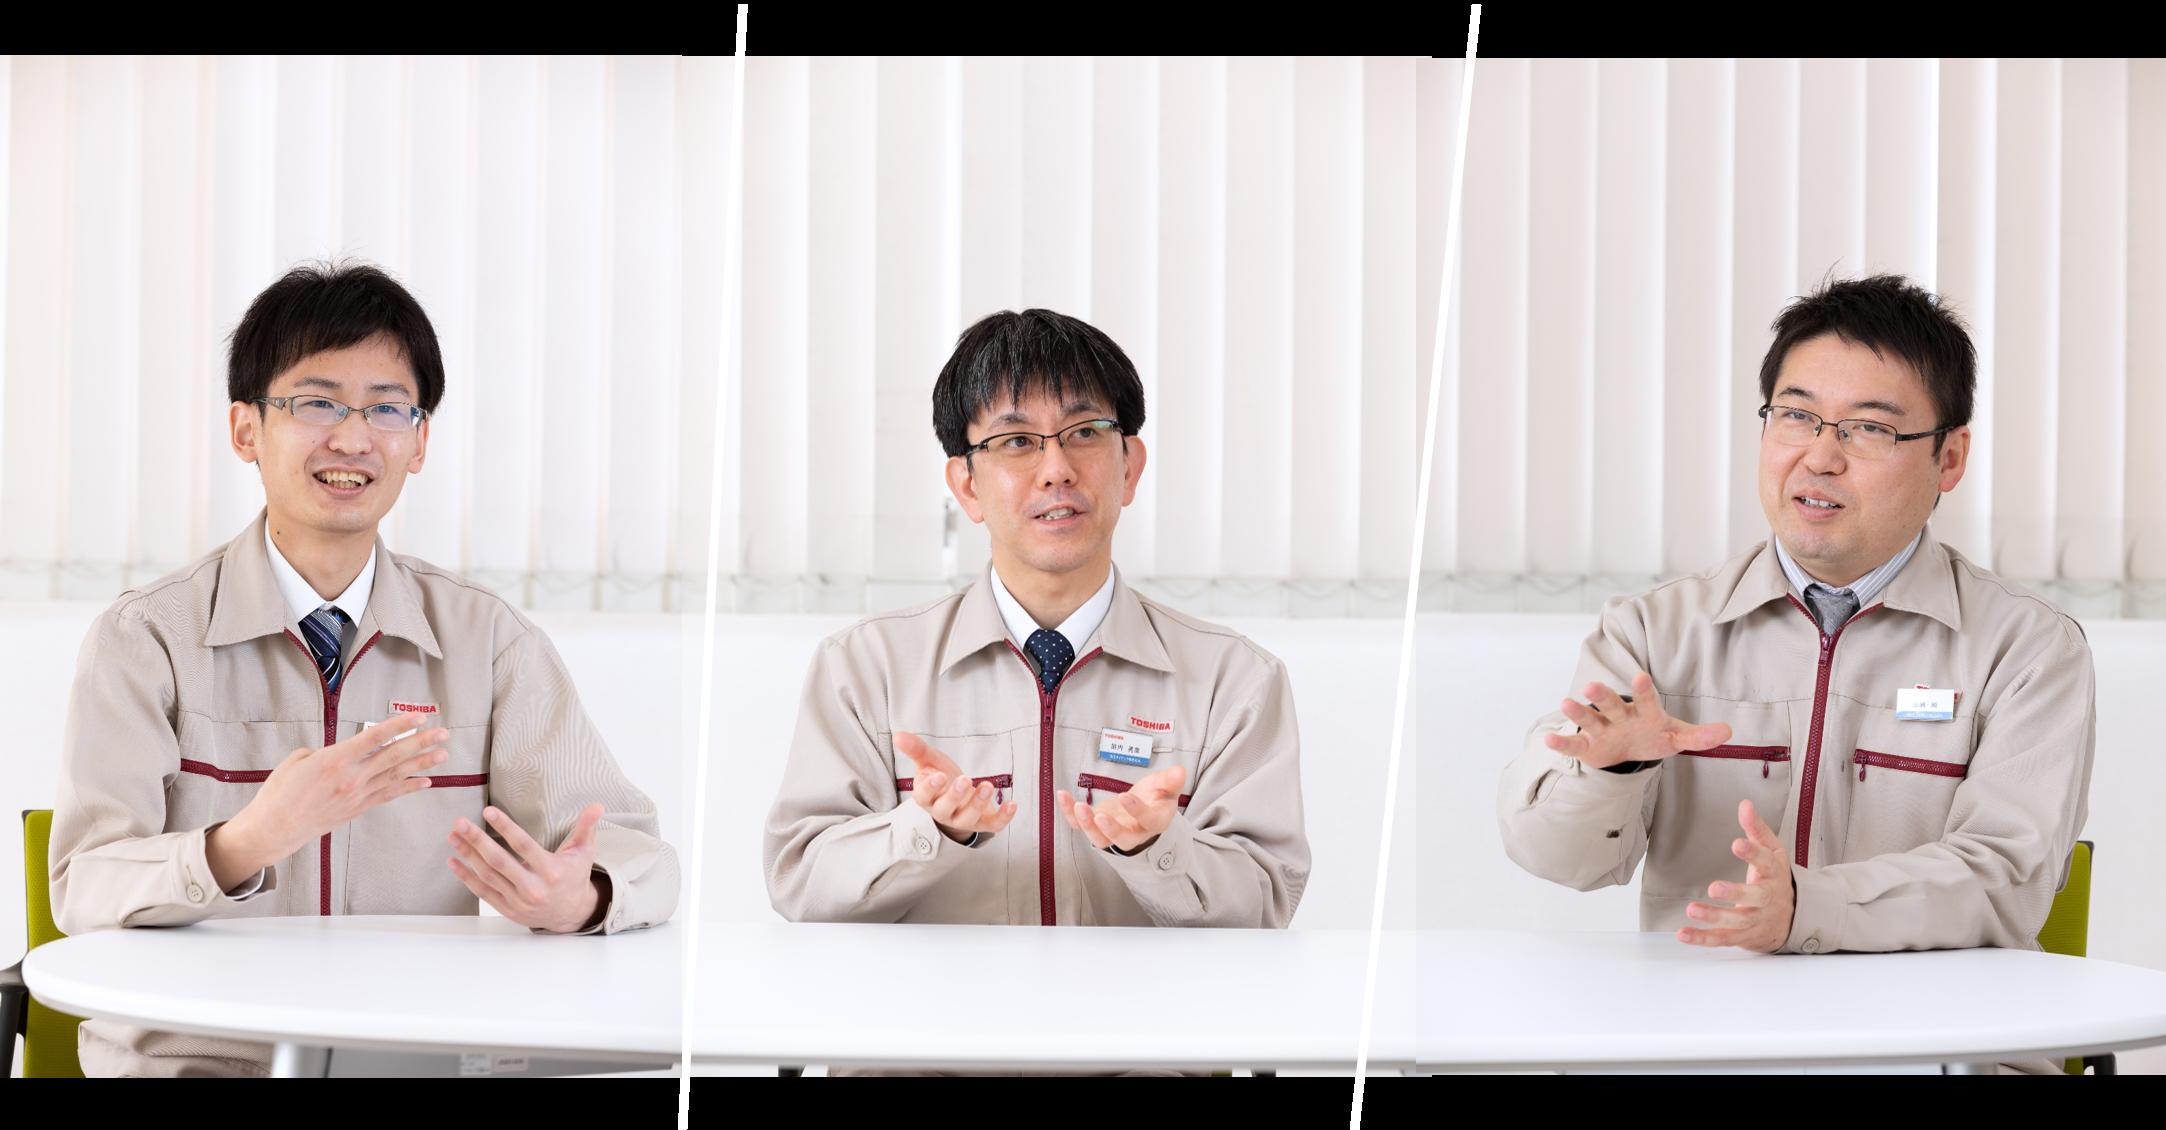 左から東芝ライテック株式会社 産業光源技術部 櫻井公人氏、田内亮彦氏、藤岡純氏